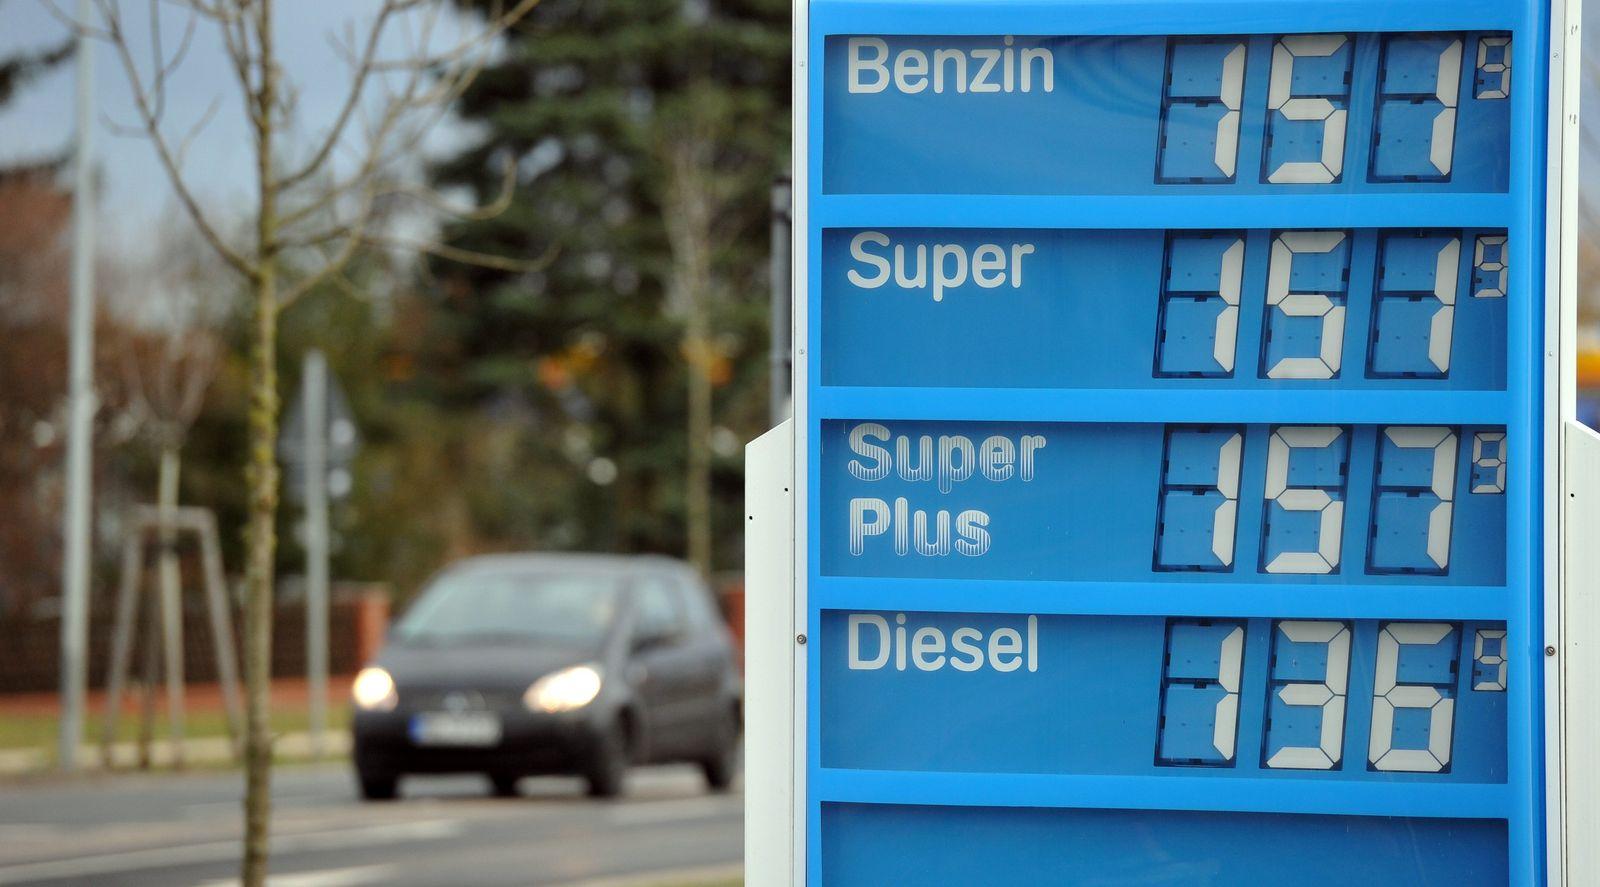 Inflation Benzin